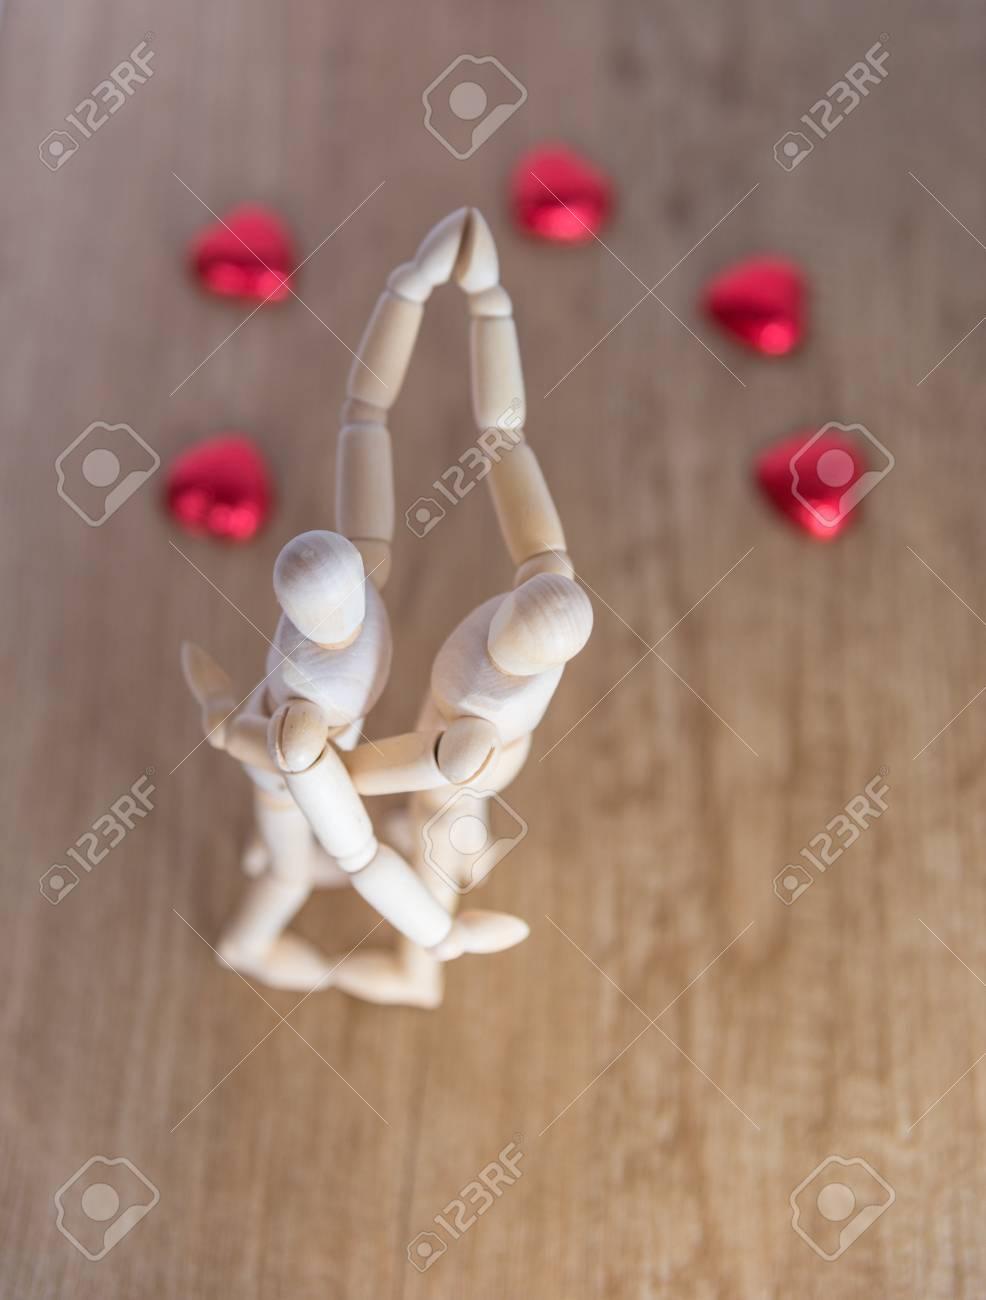 Akt der Liebe